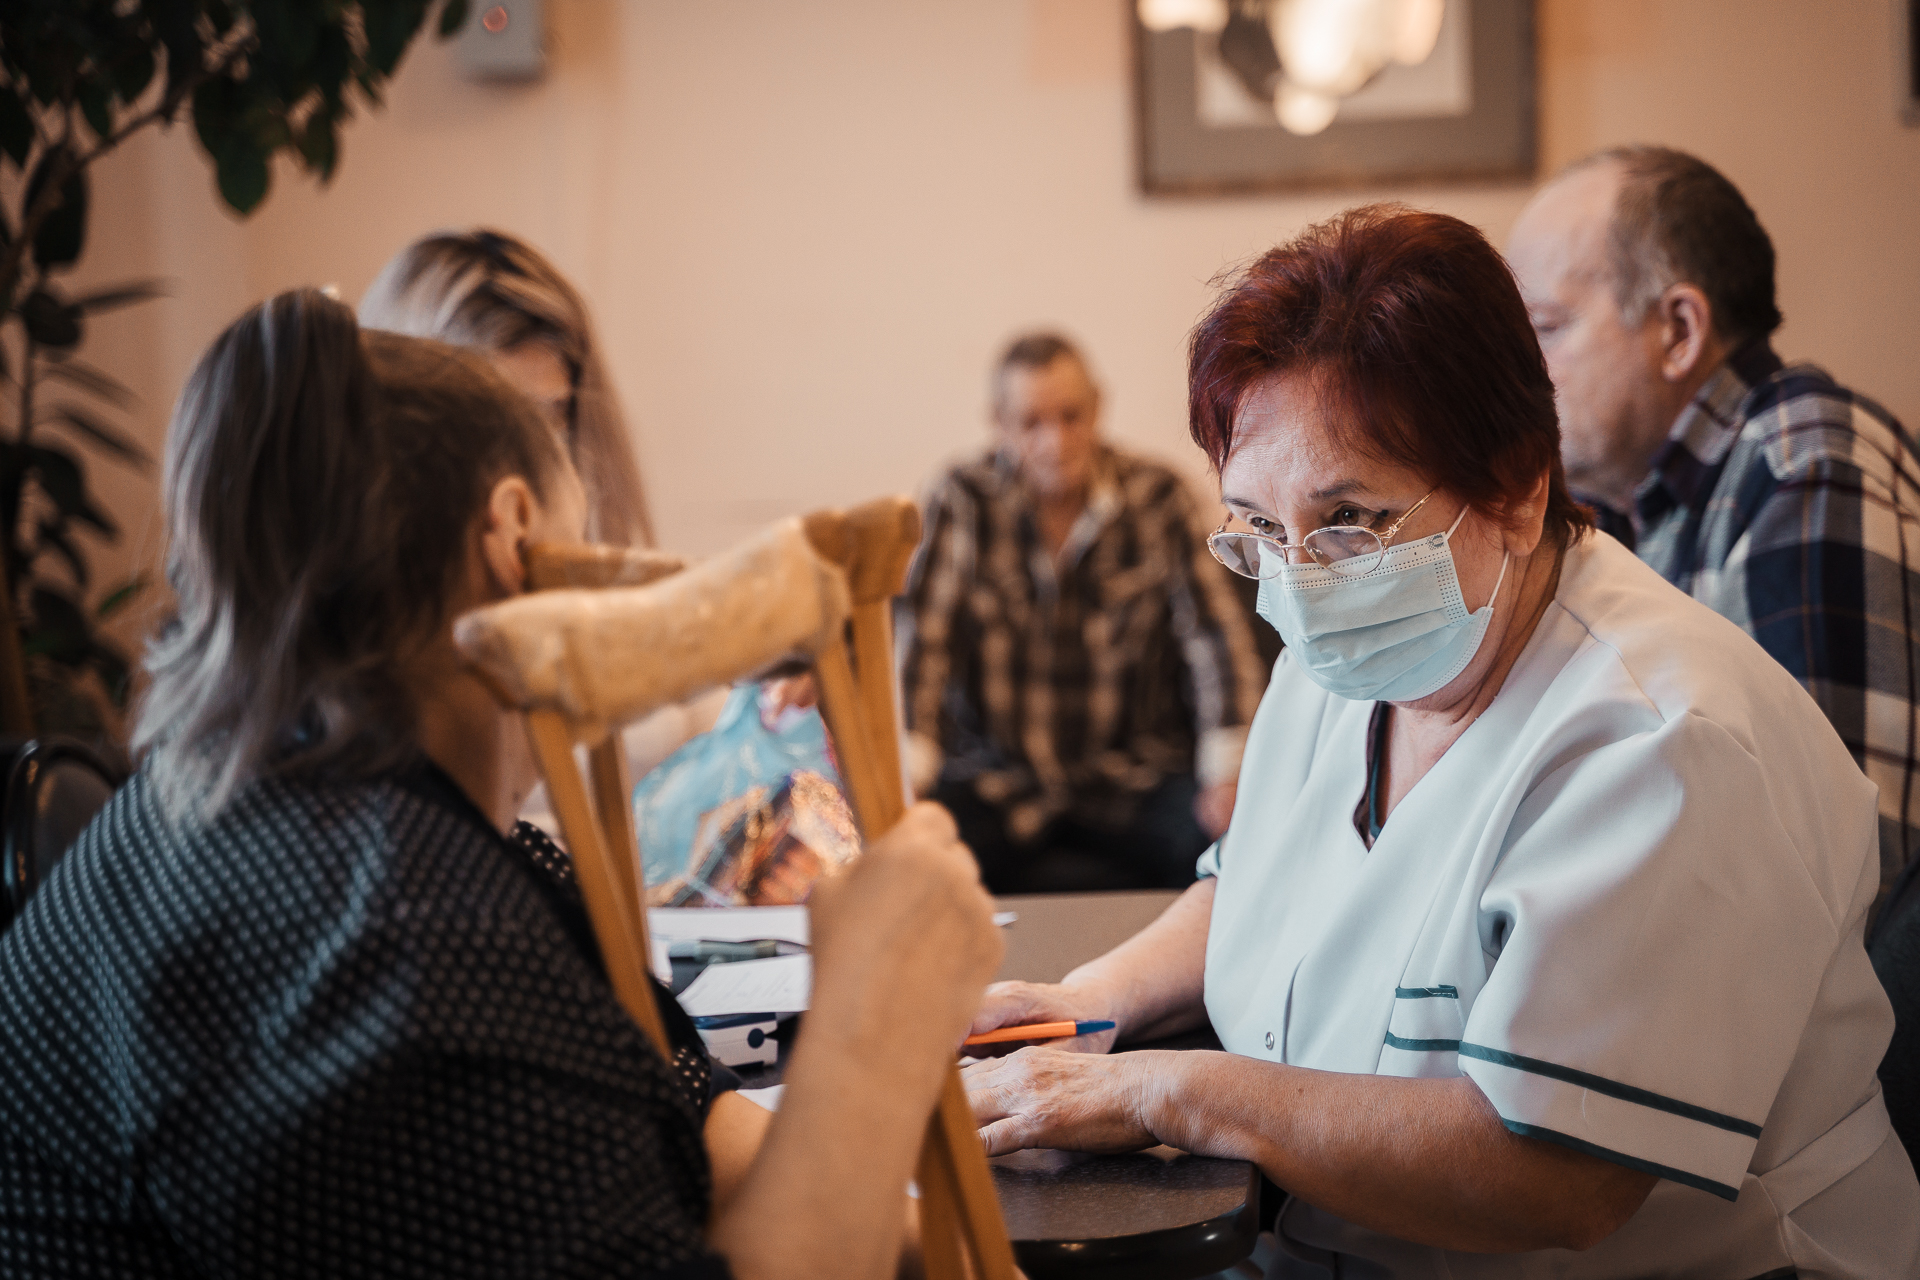 Жители Тверской области старшего возраста активно вакцинируются против коронавируса